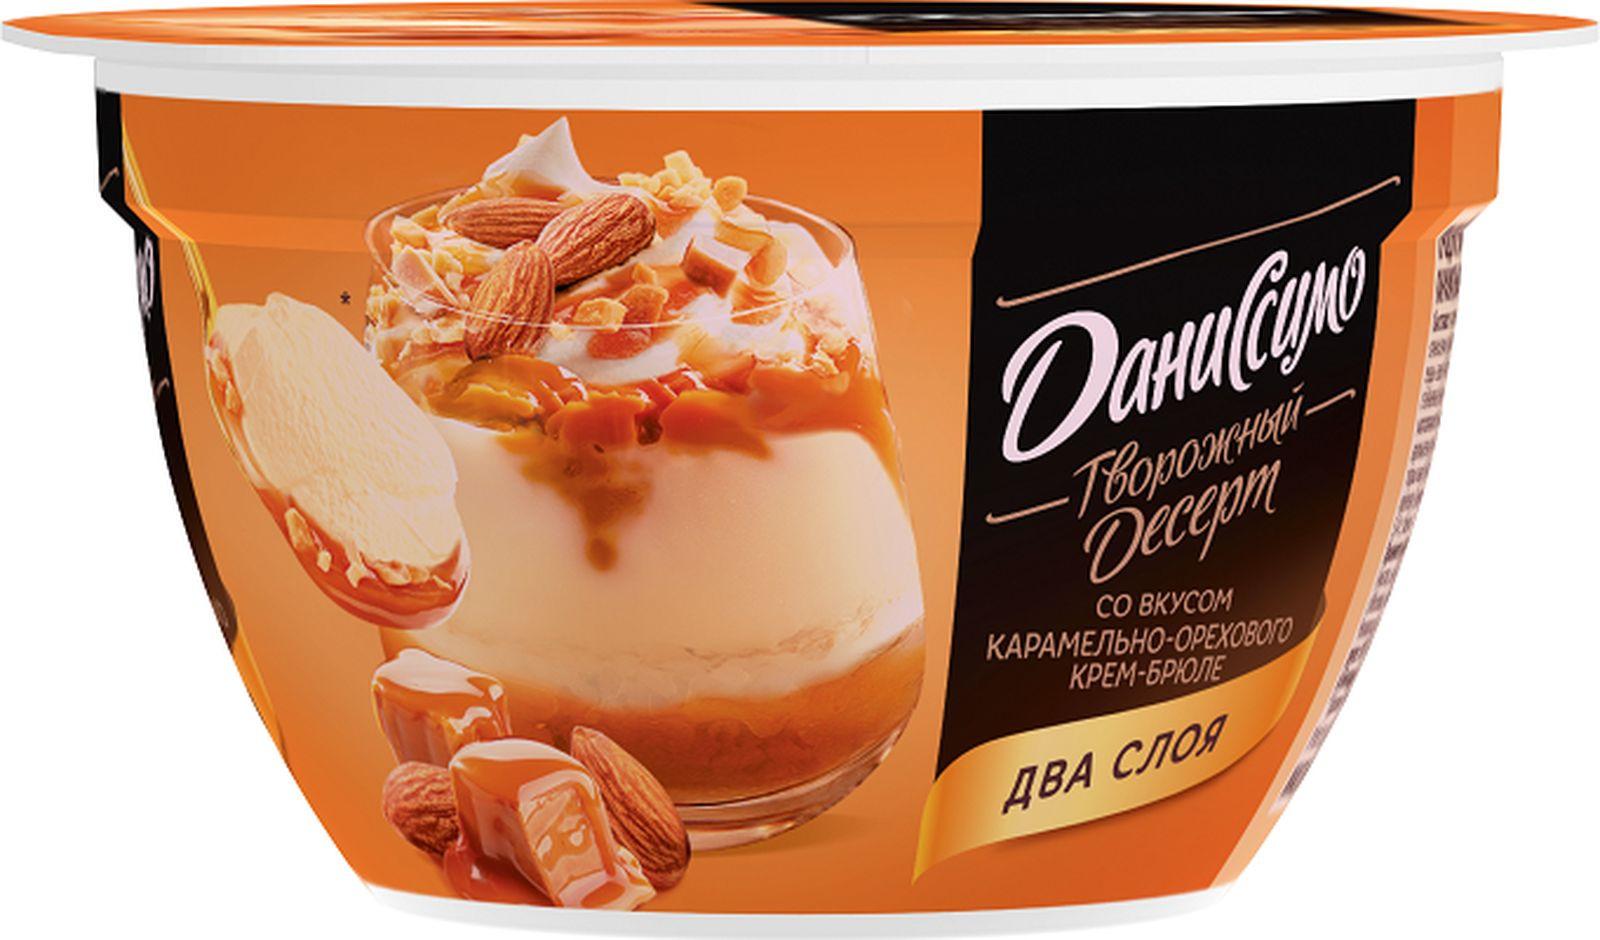 Десерт Даниссимо Карамельно-ореховое Крем-брюле, двухслойный, 140 г молочный коктейль даниссимо со вкусом мороженого крем брюле 2 5% 215 г